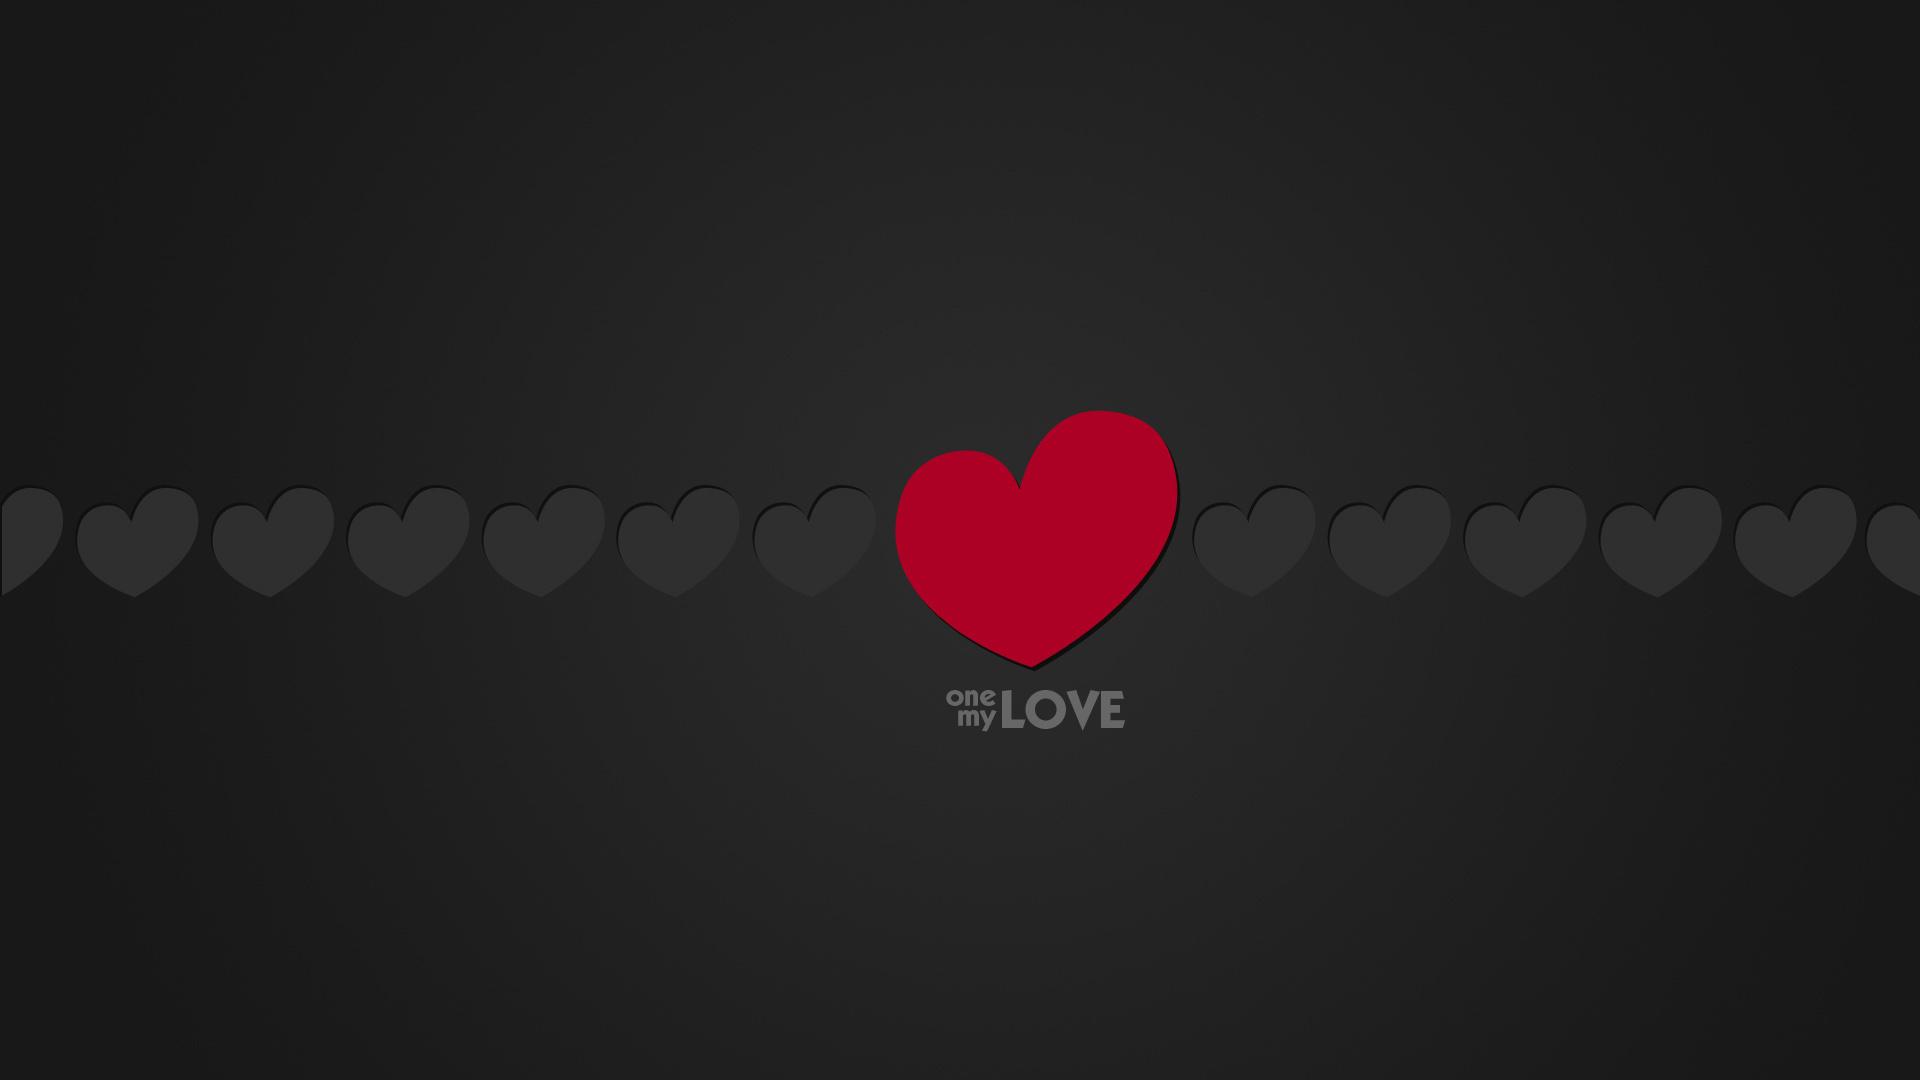 обои для рабочего стола любовь анимация № 446605 бесплатно